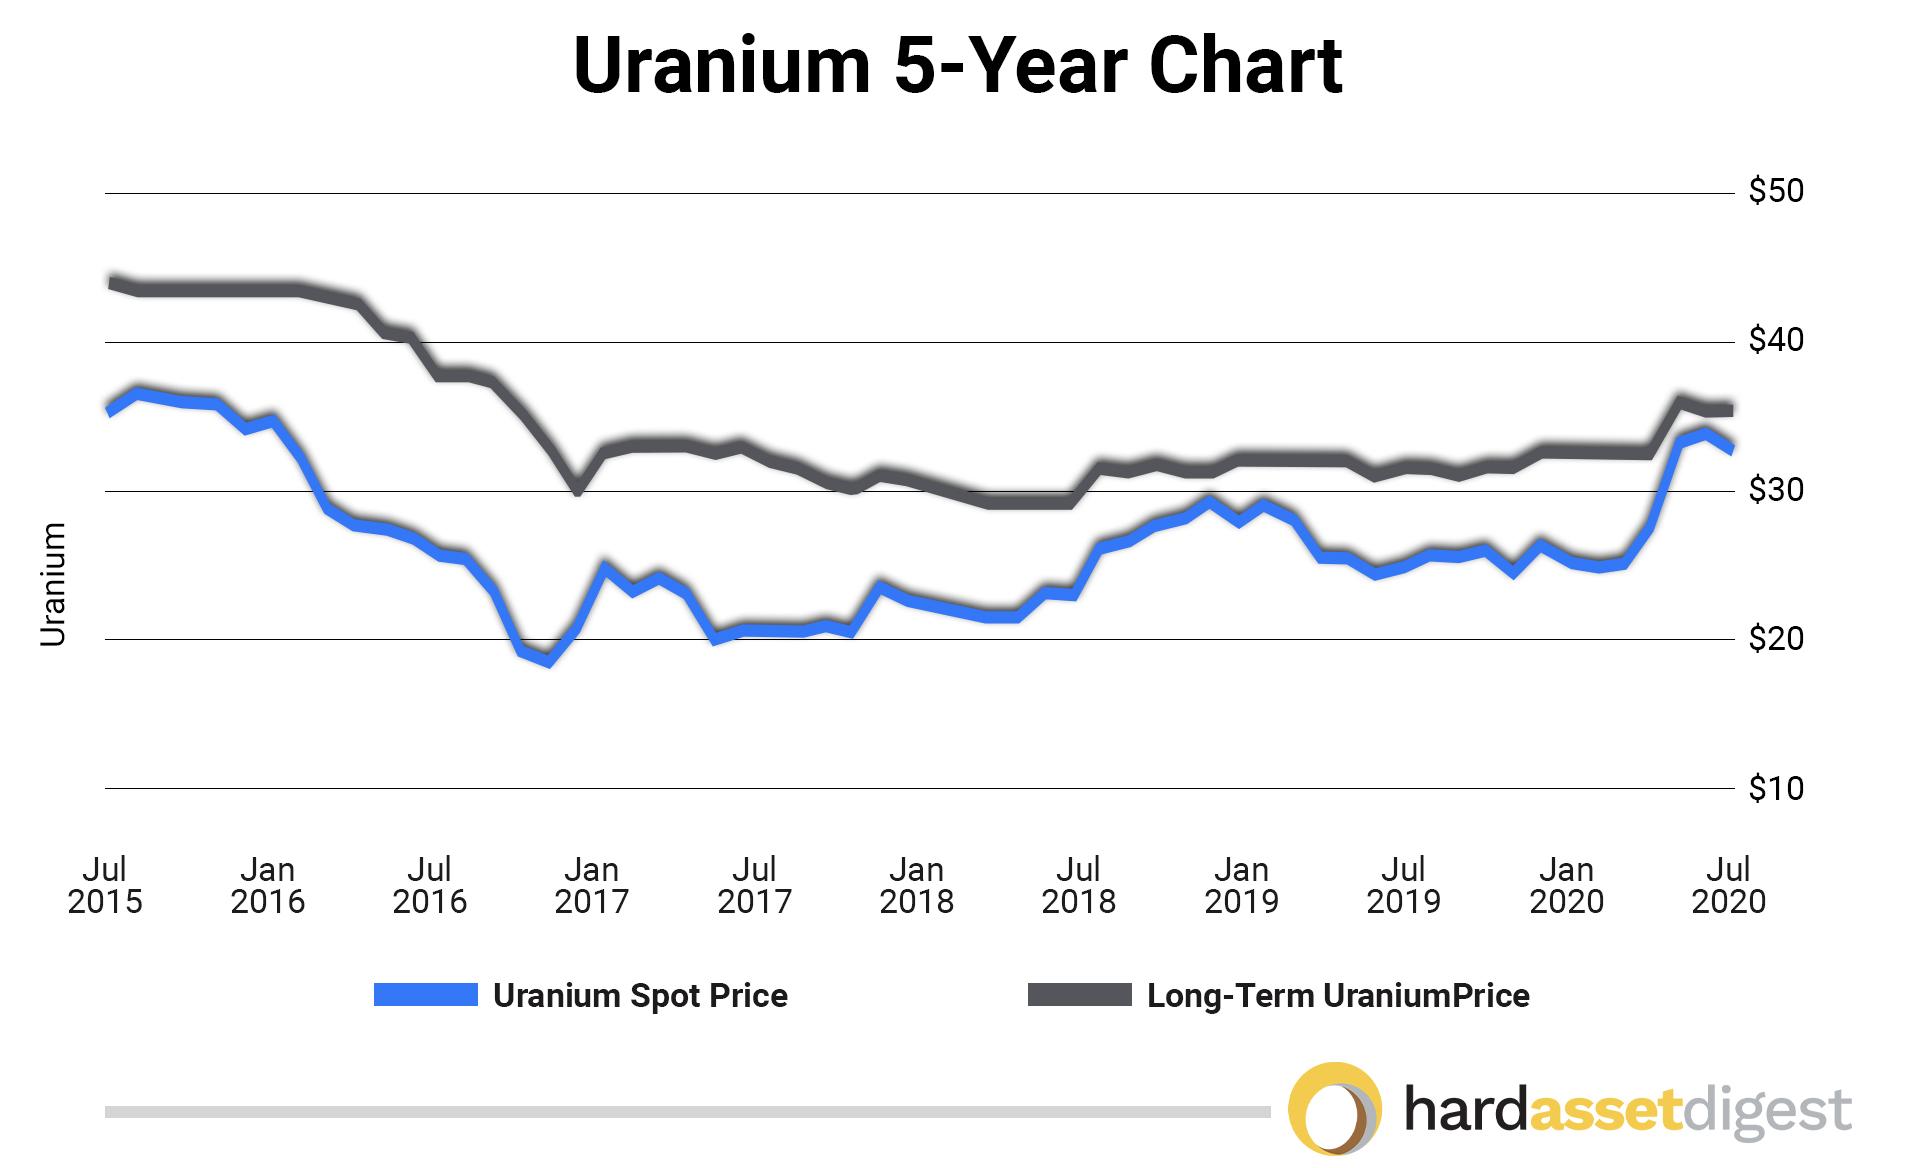 5 year uranium chart